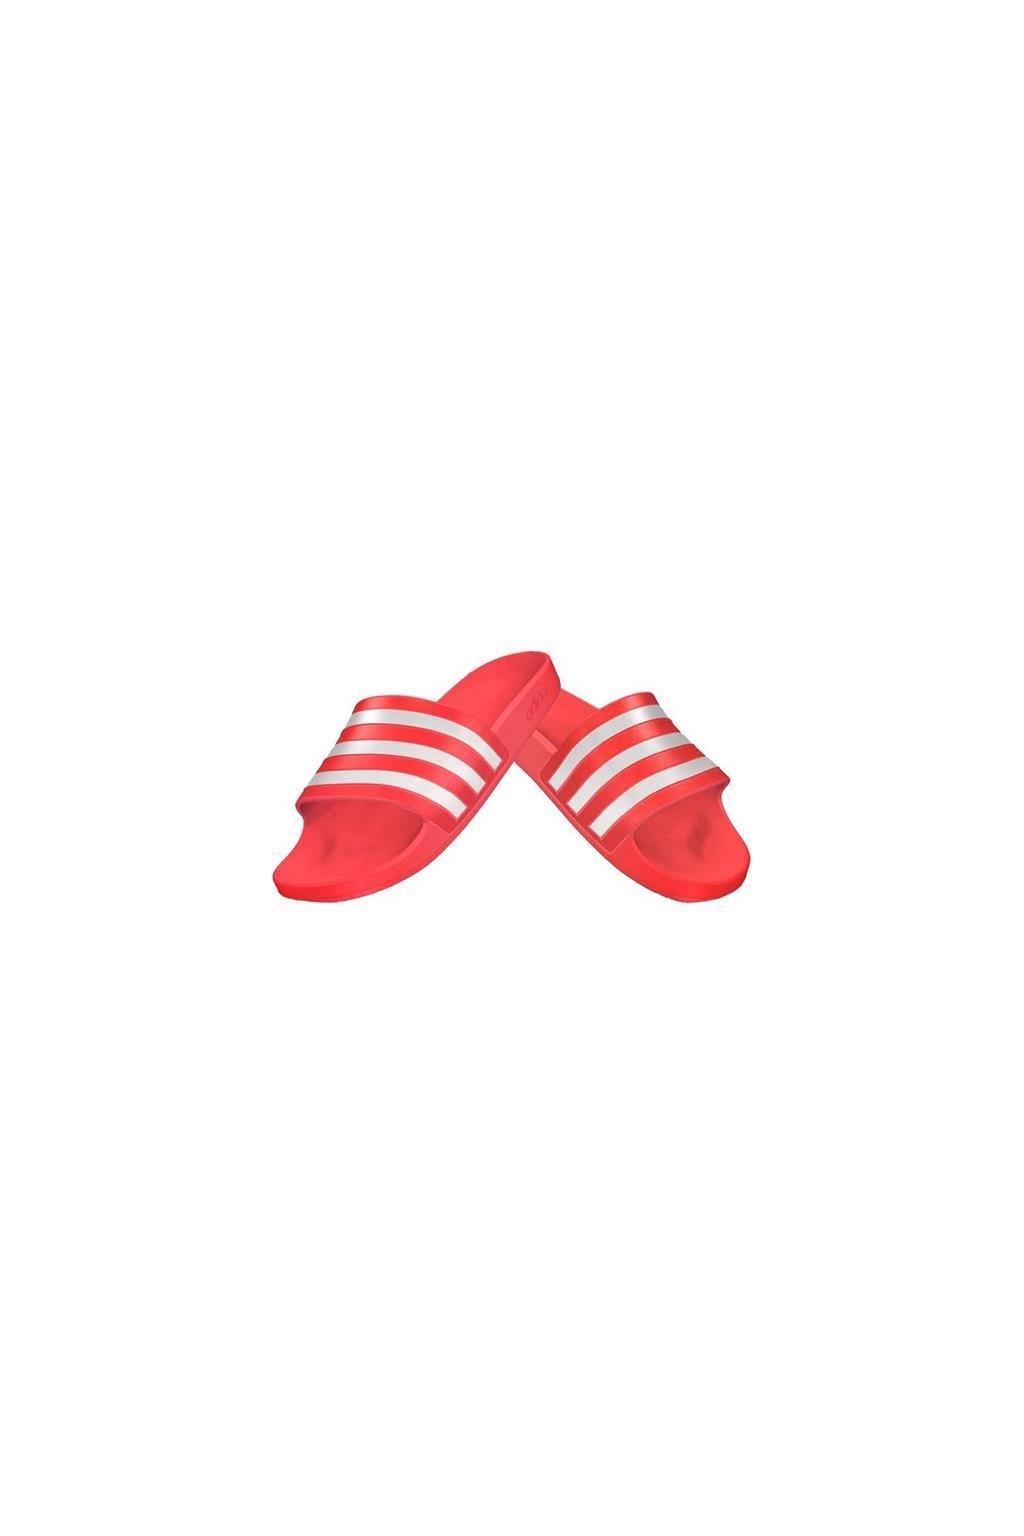 klapki damskie adidas adilette rozowe fw4292 minia